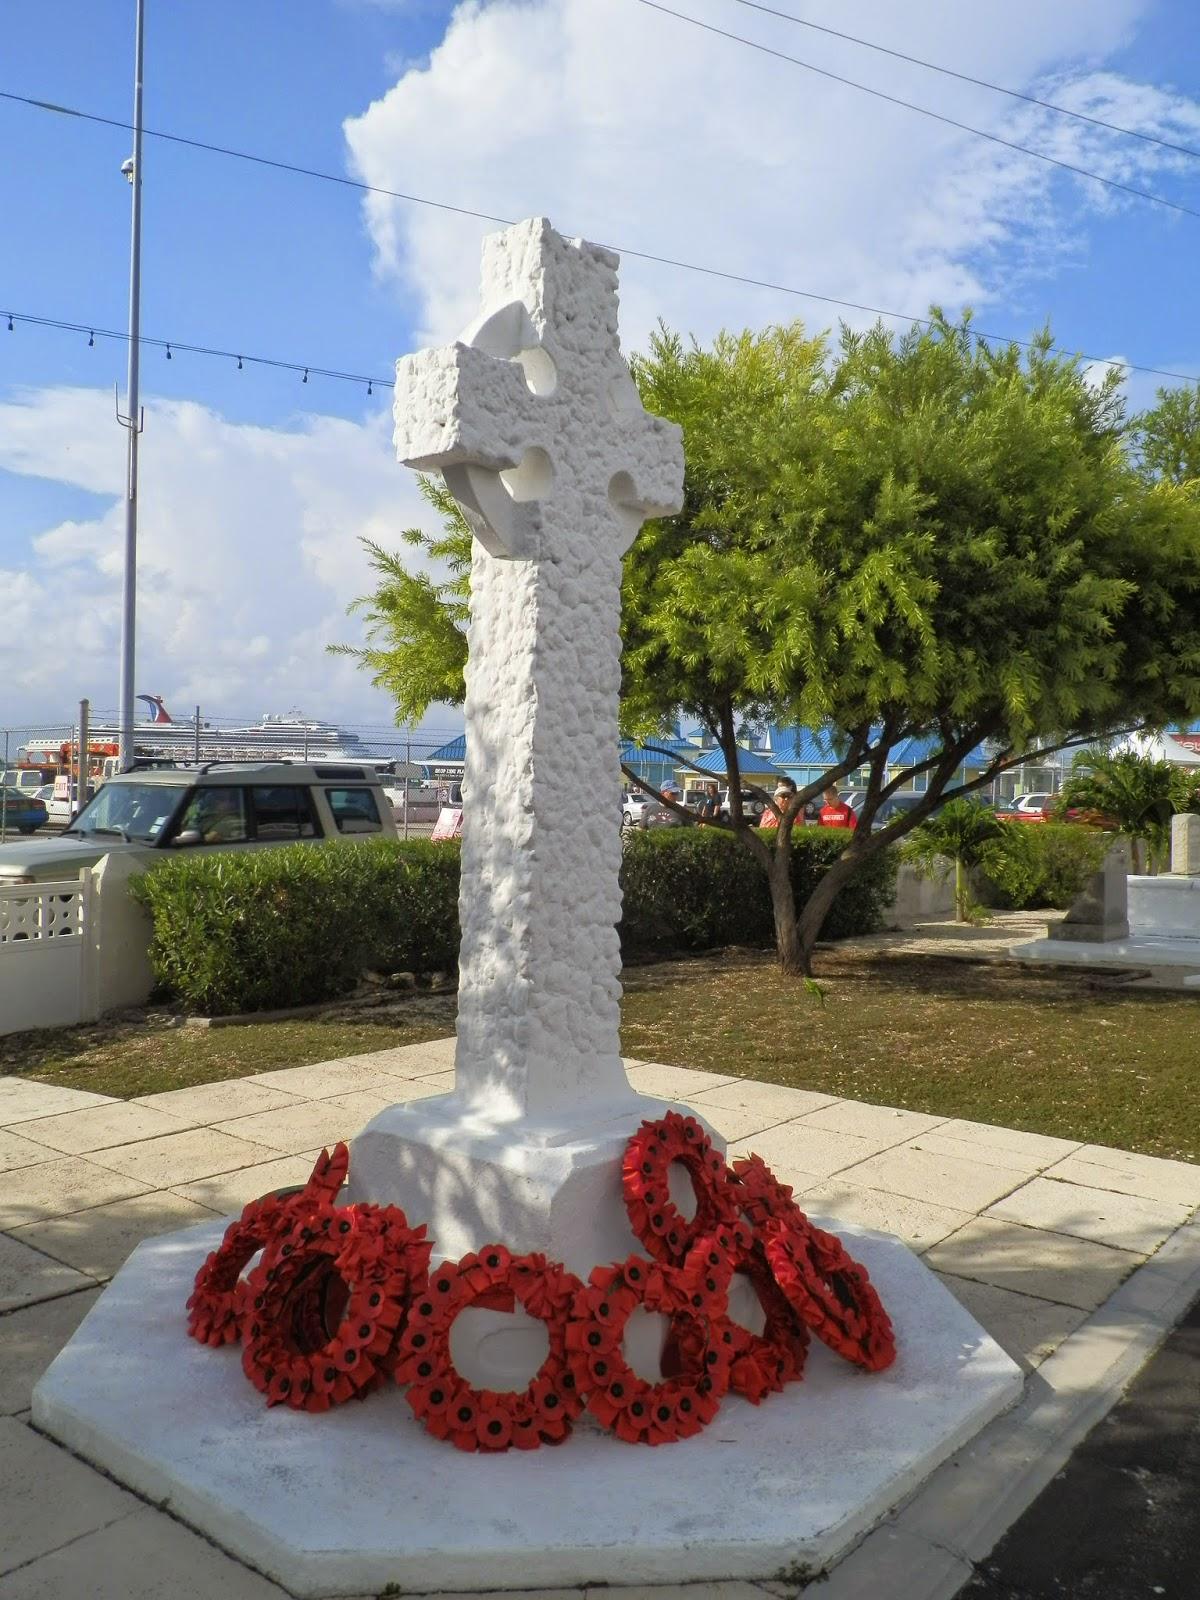 Elmslie Memorial United Church George Town Cayman Islands